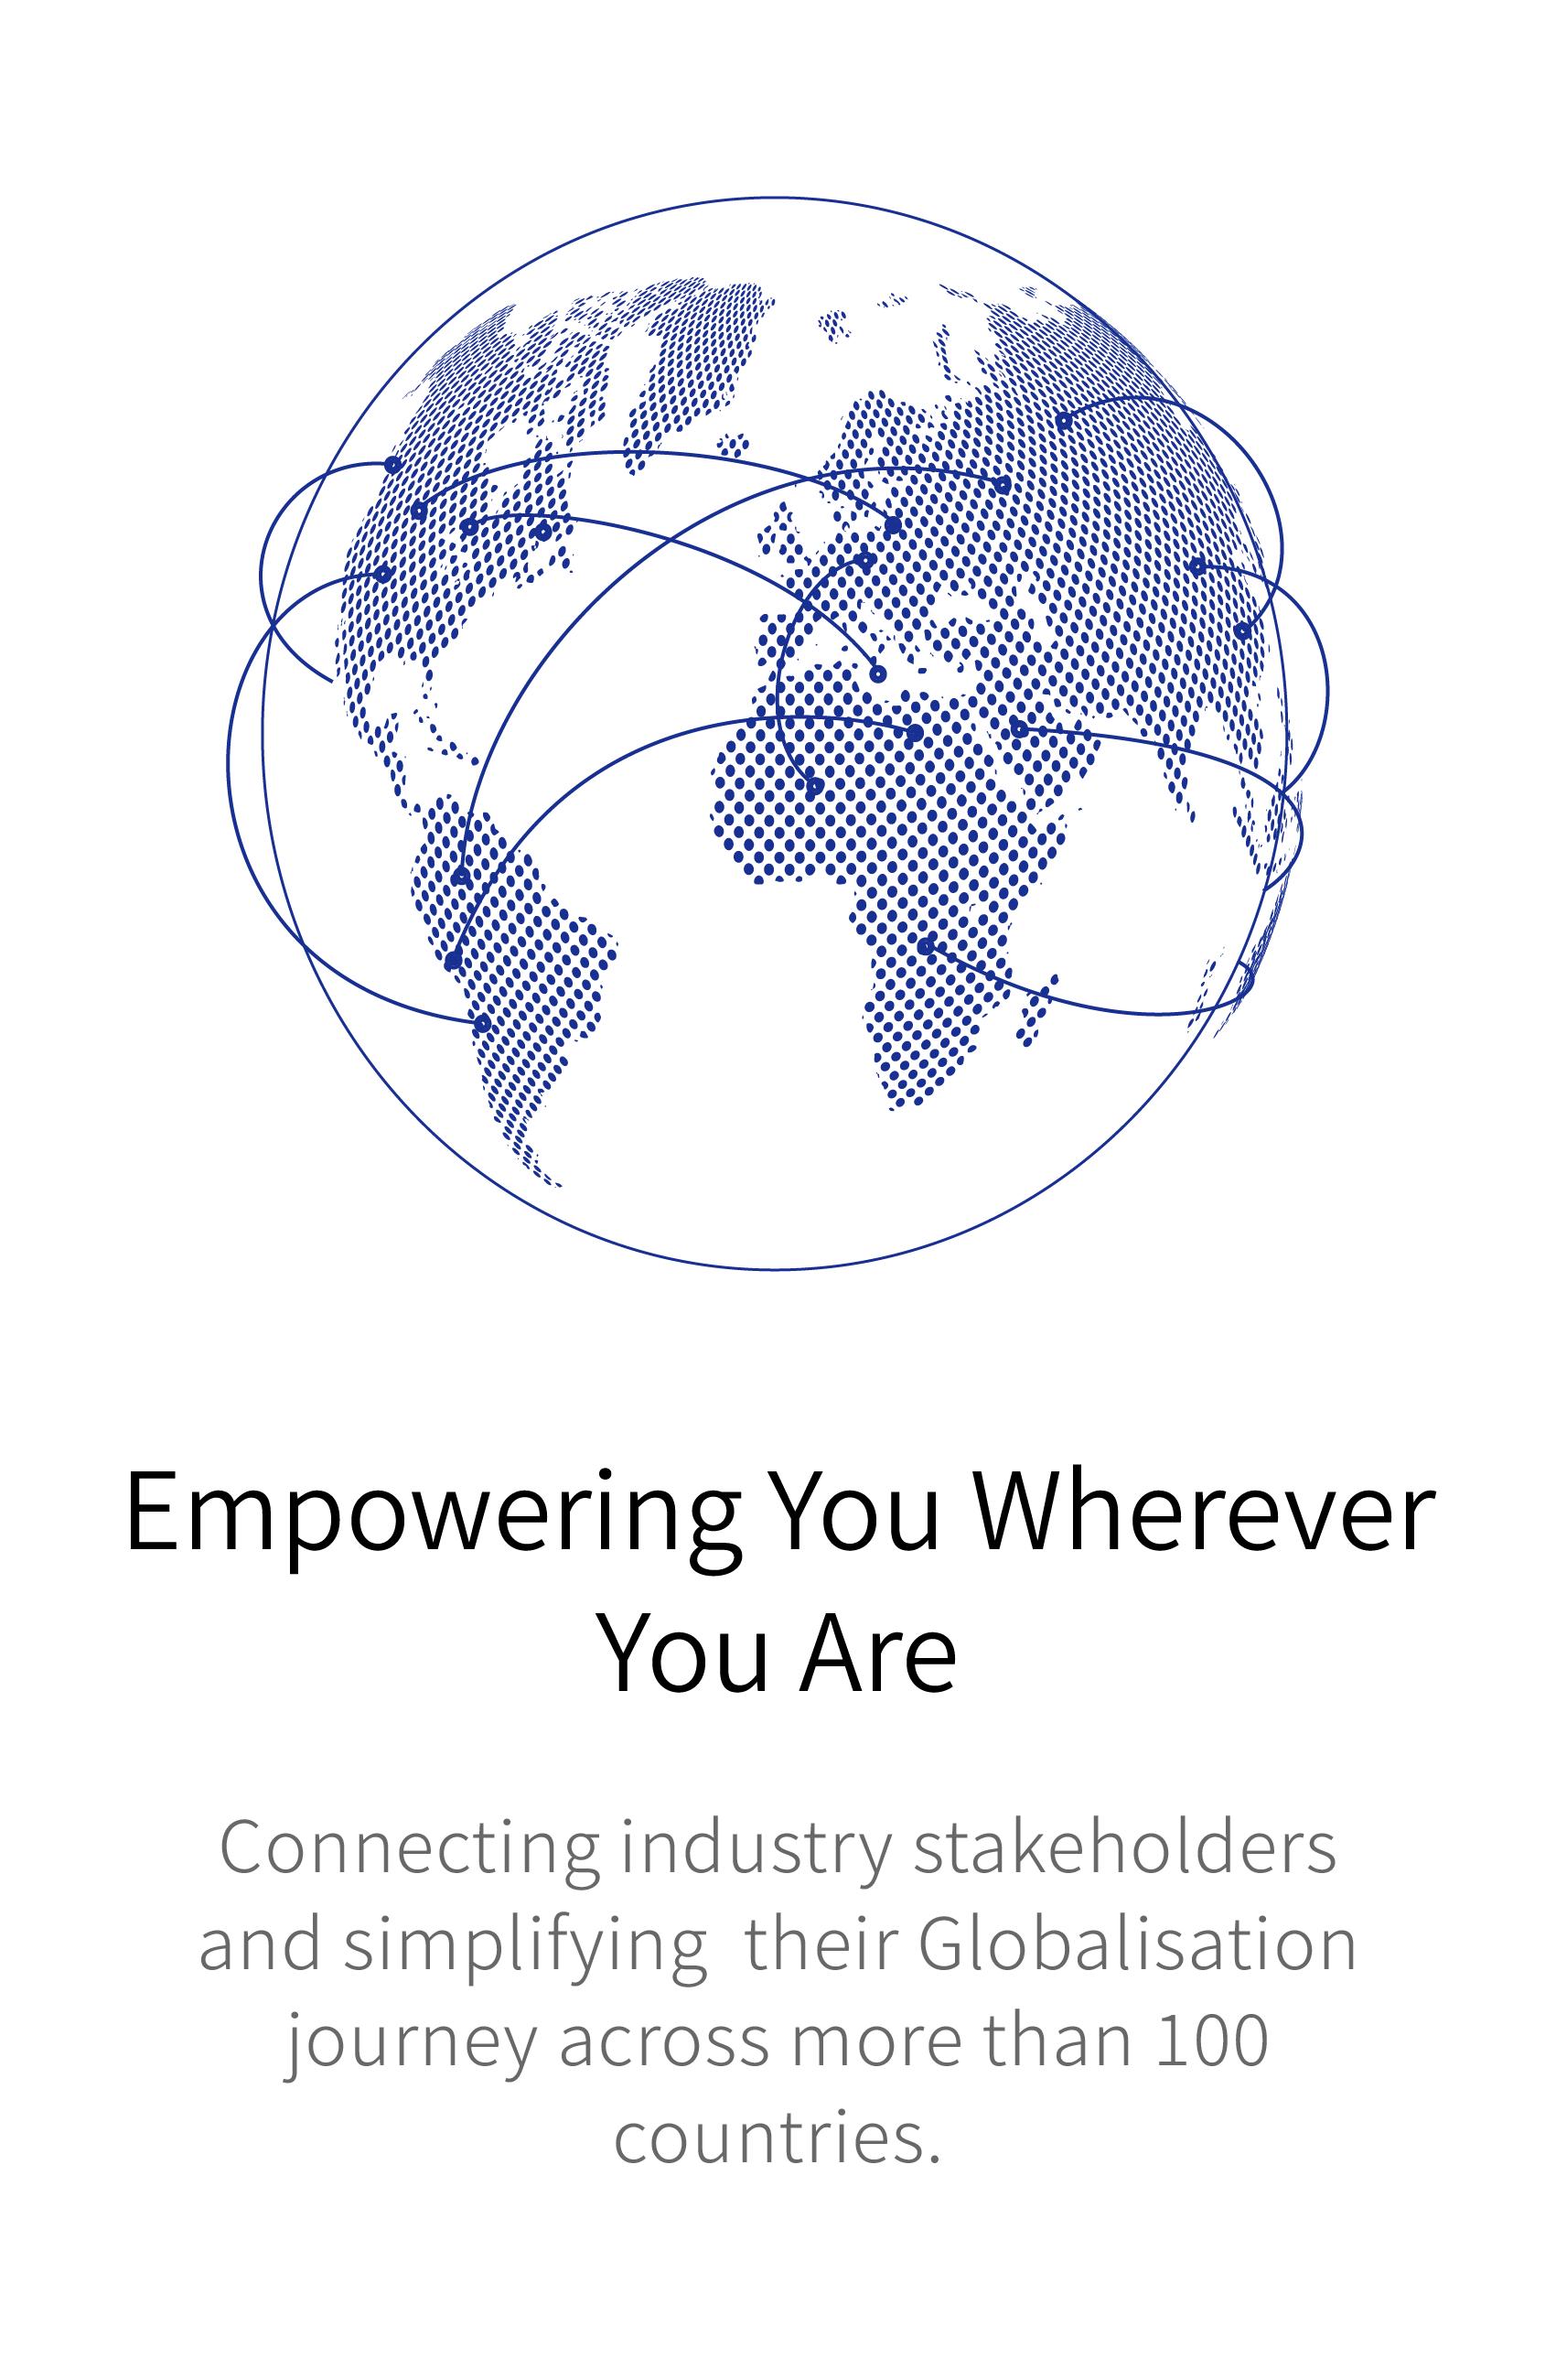 ကမ္ဘာလုံးဆိုင်ရာရှိနေခြင်း - မိုဘိုင်း